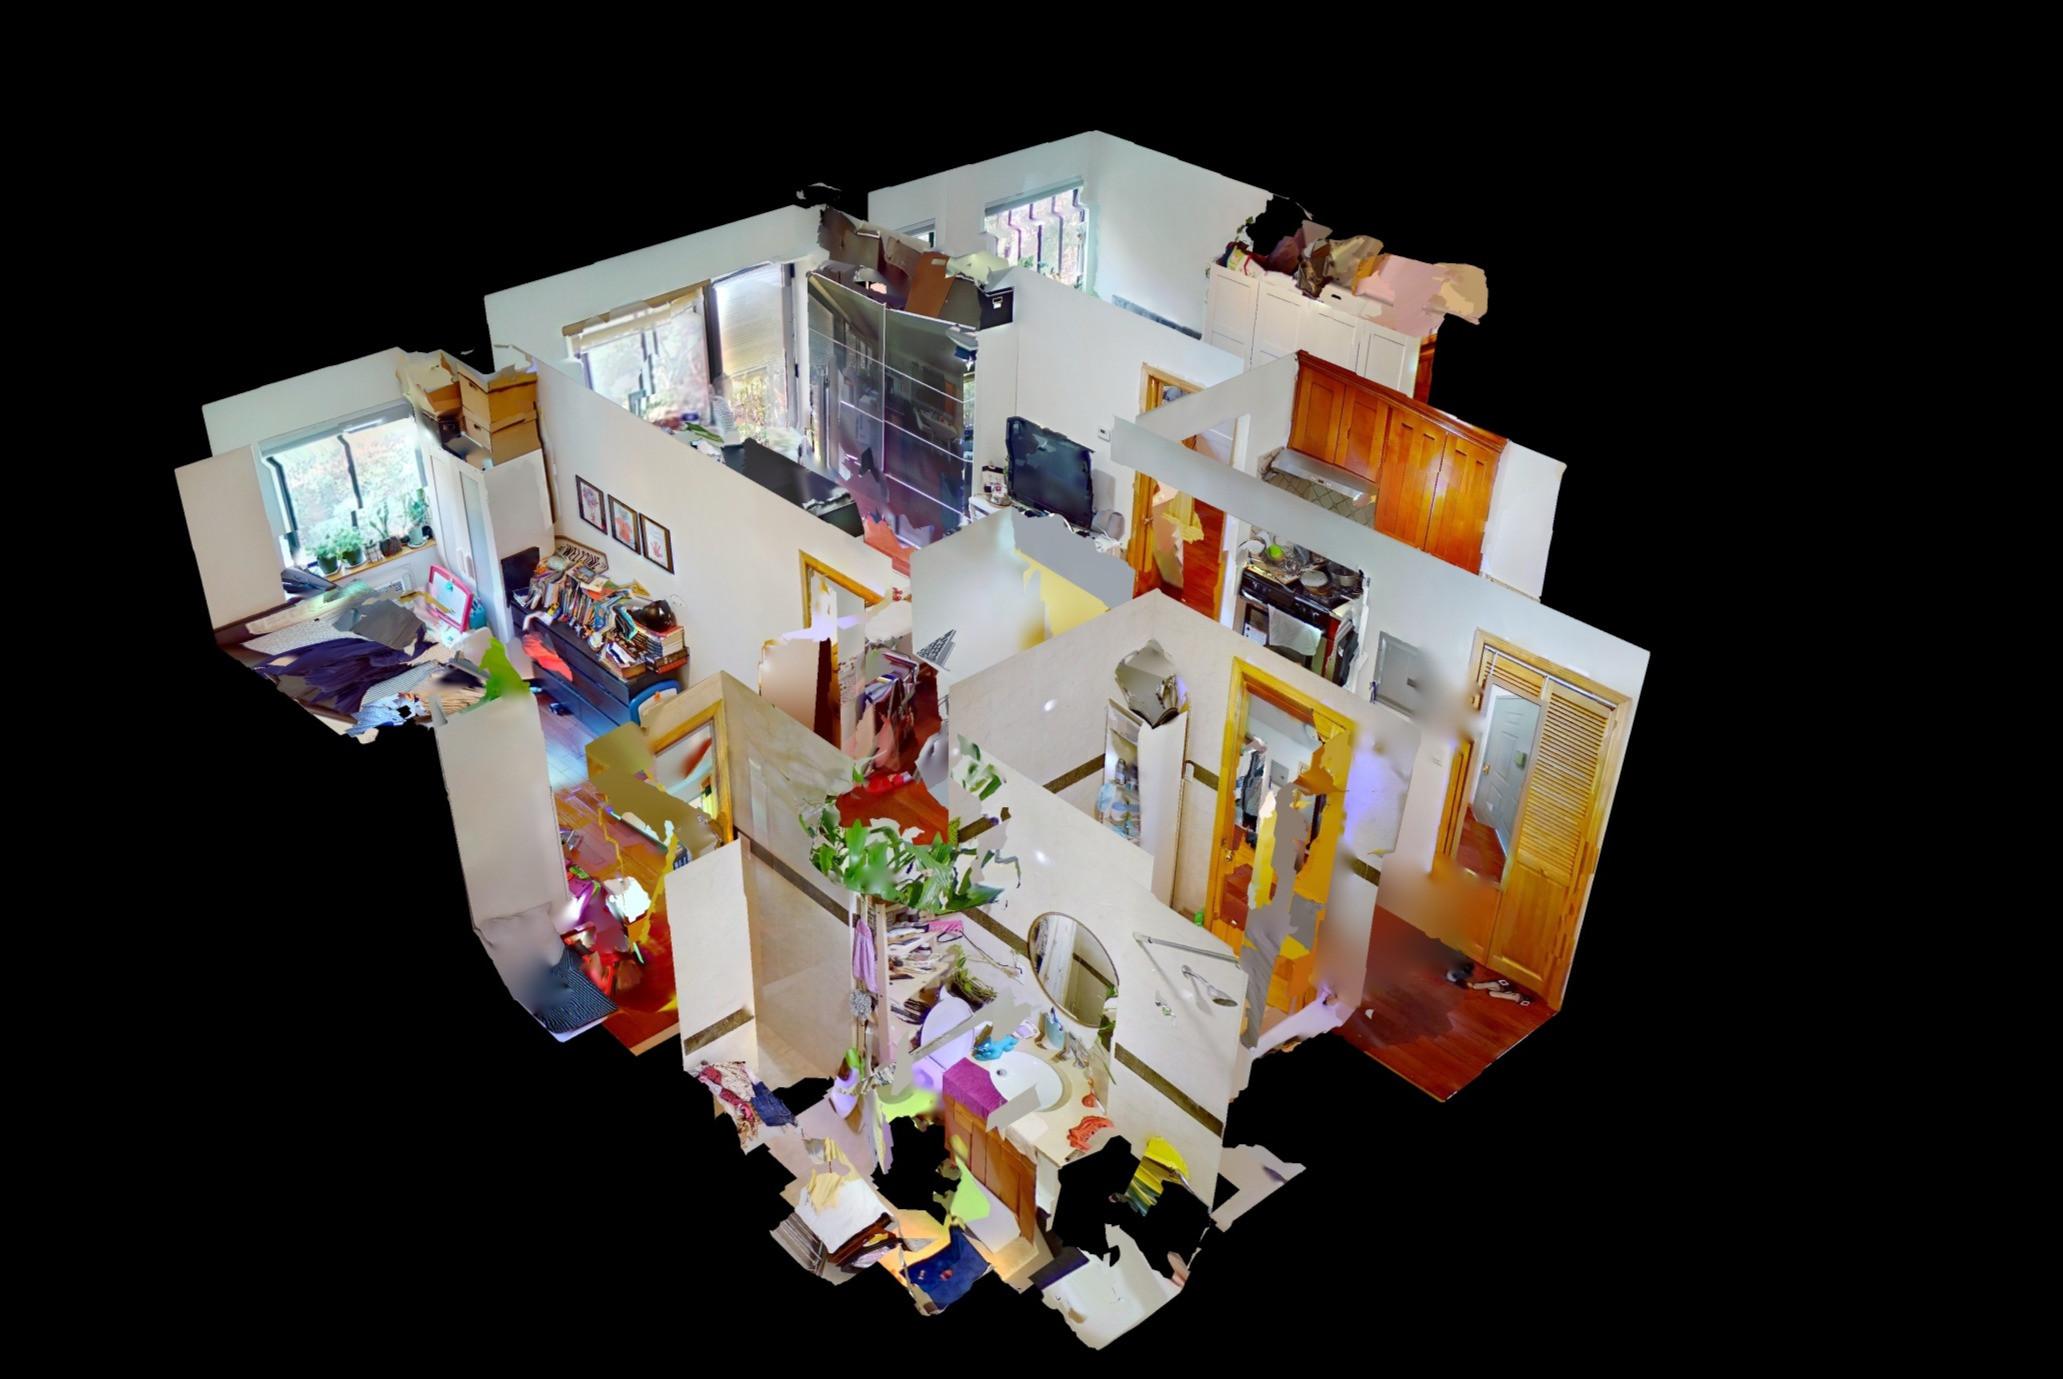 360 House Tour